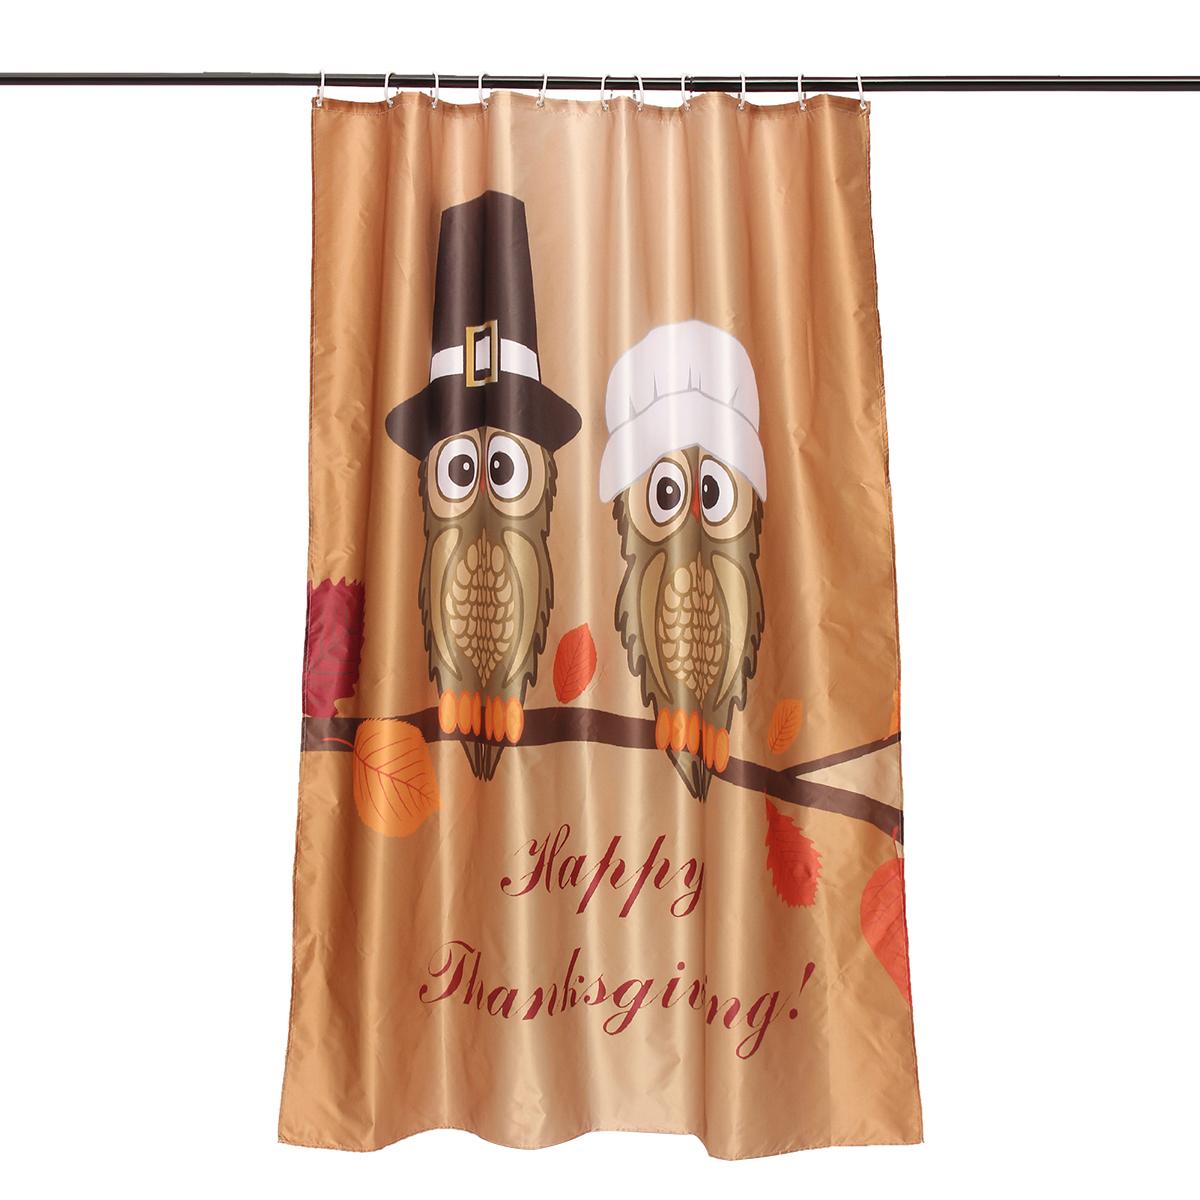 150x180cm счастливым благодарение водонепроницаемый занавес ливня ванной рождества декор с 12 крючками